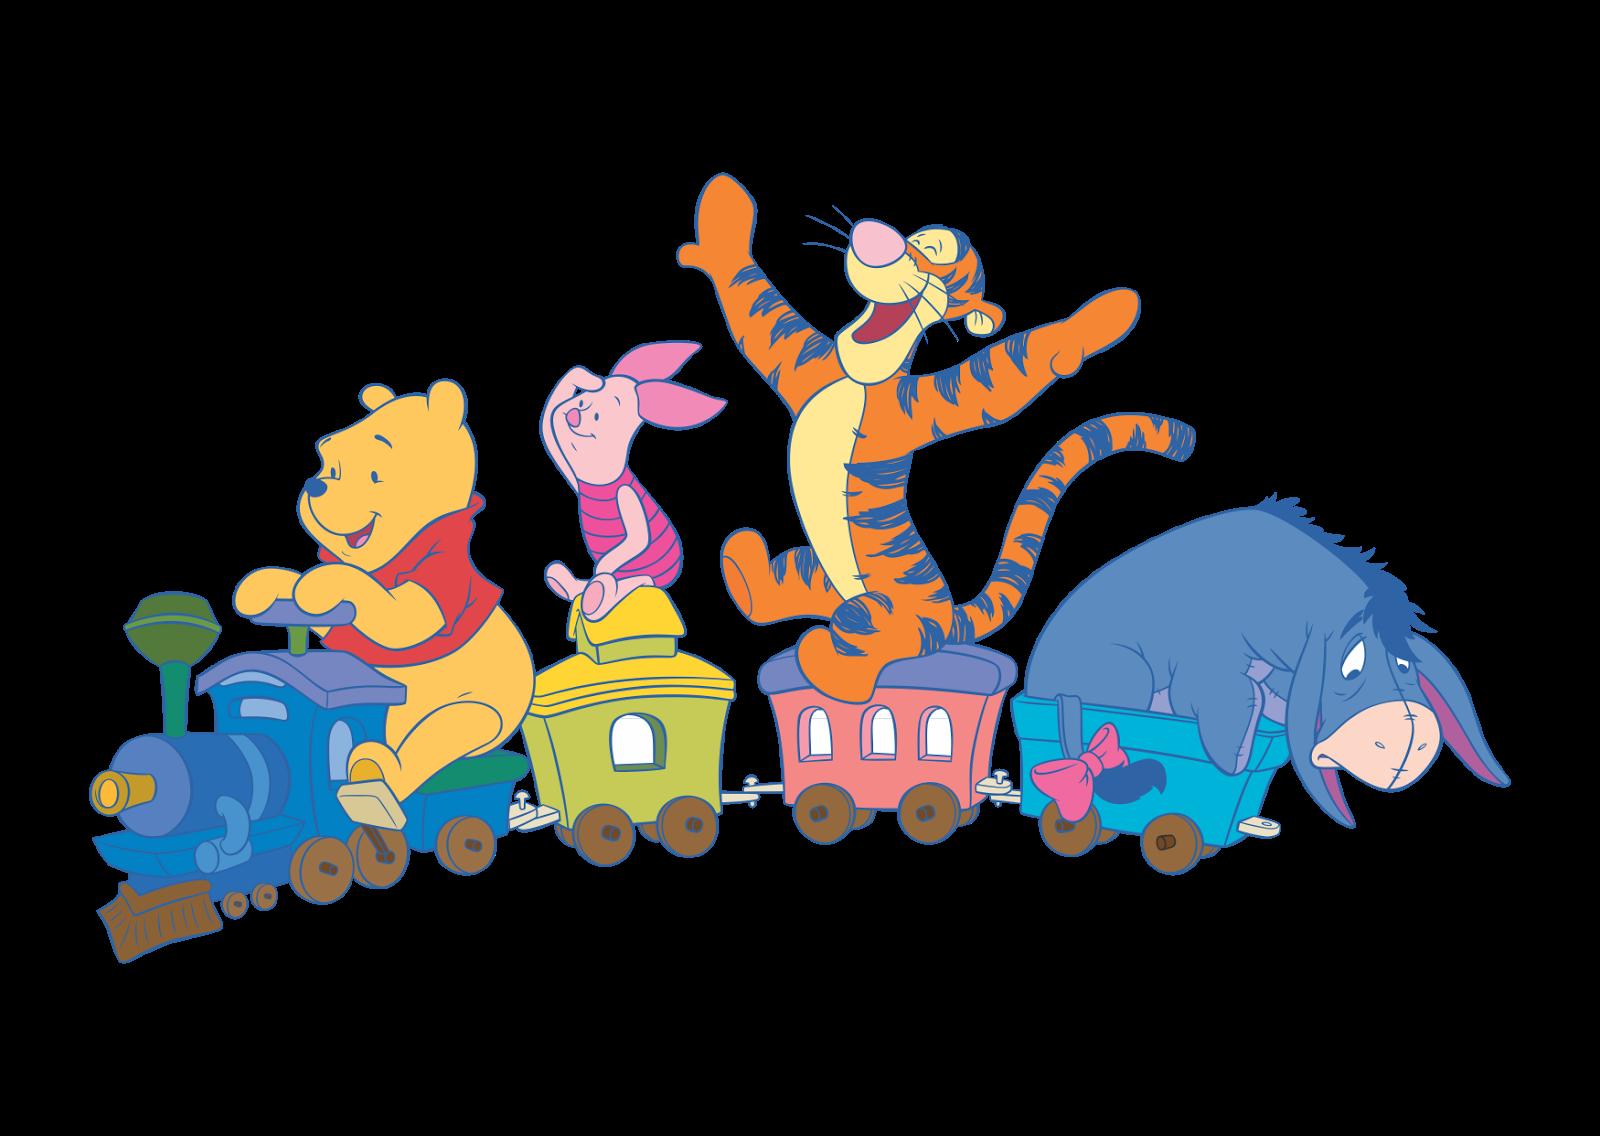 Disney Winnie Puuh Fanartikel - Winnie the Pooh Artikel ...